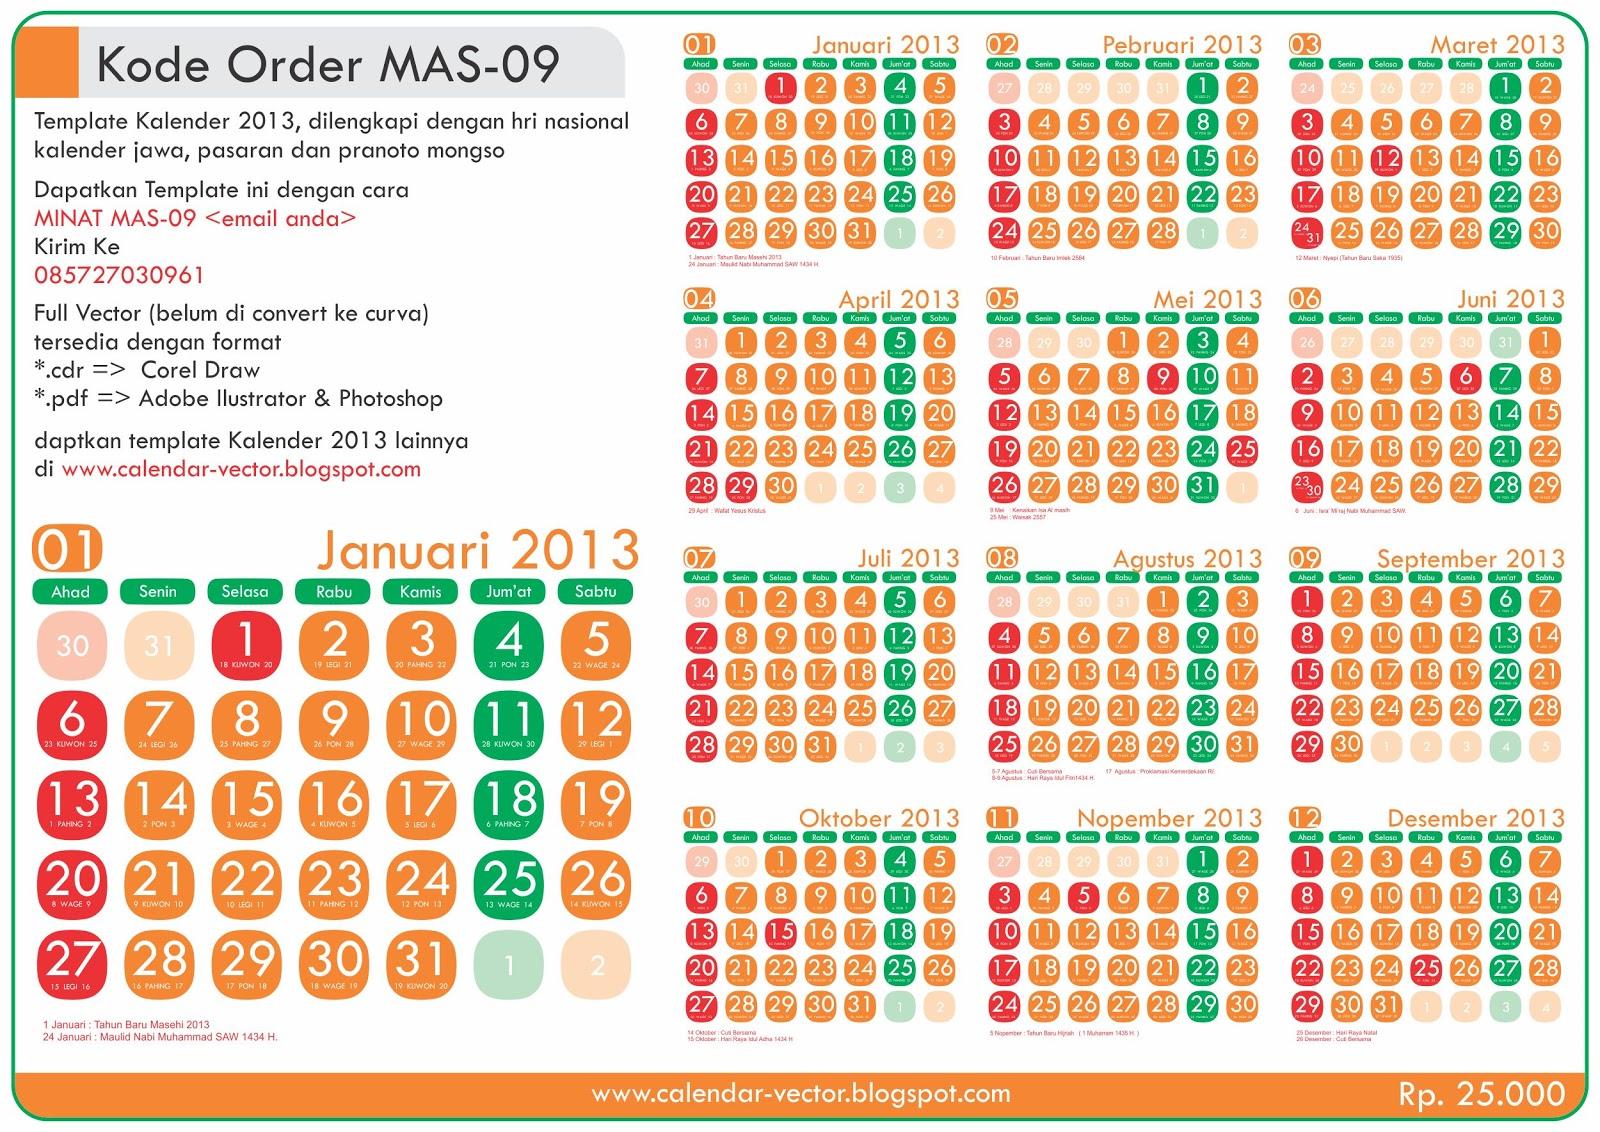 kode order mas 10 harga rp 25 00 dilengkapi tanggalan jawa pasaran ...